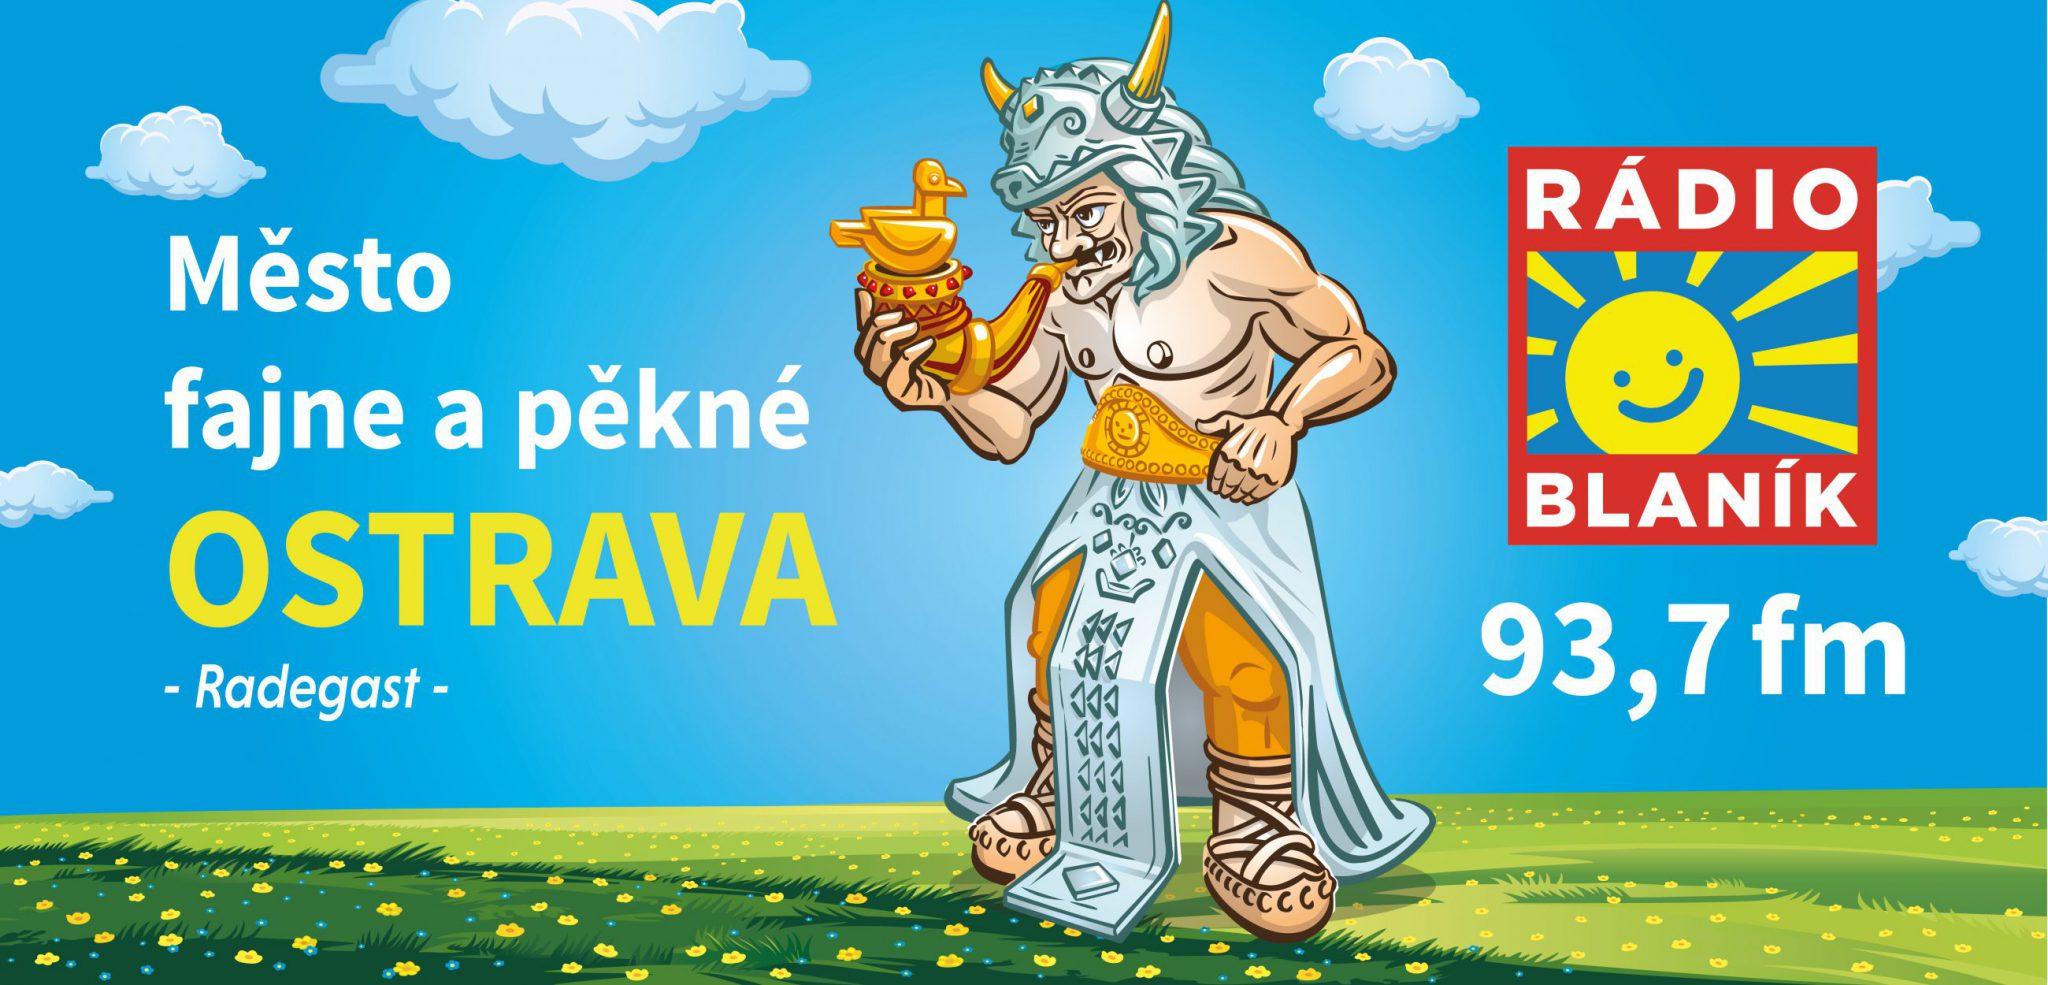 Rádio Blaník Ostrava 93,7